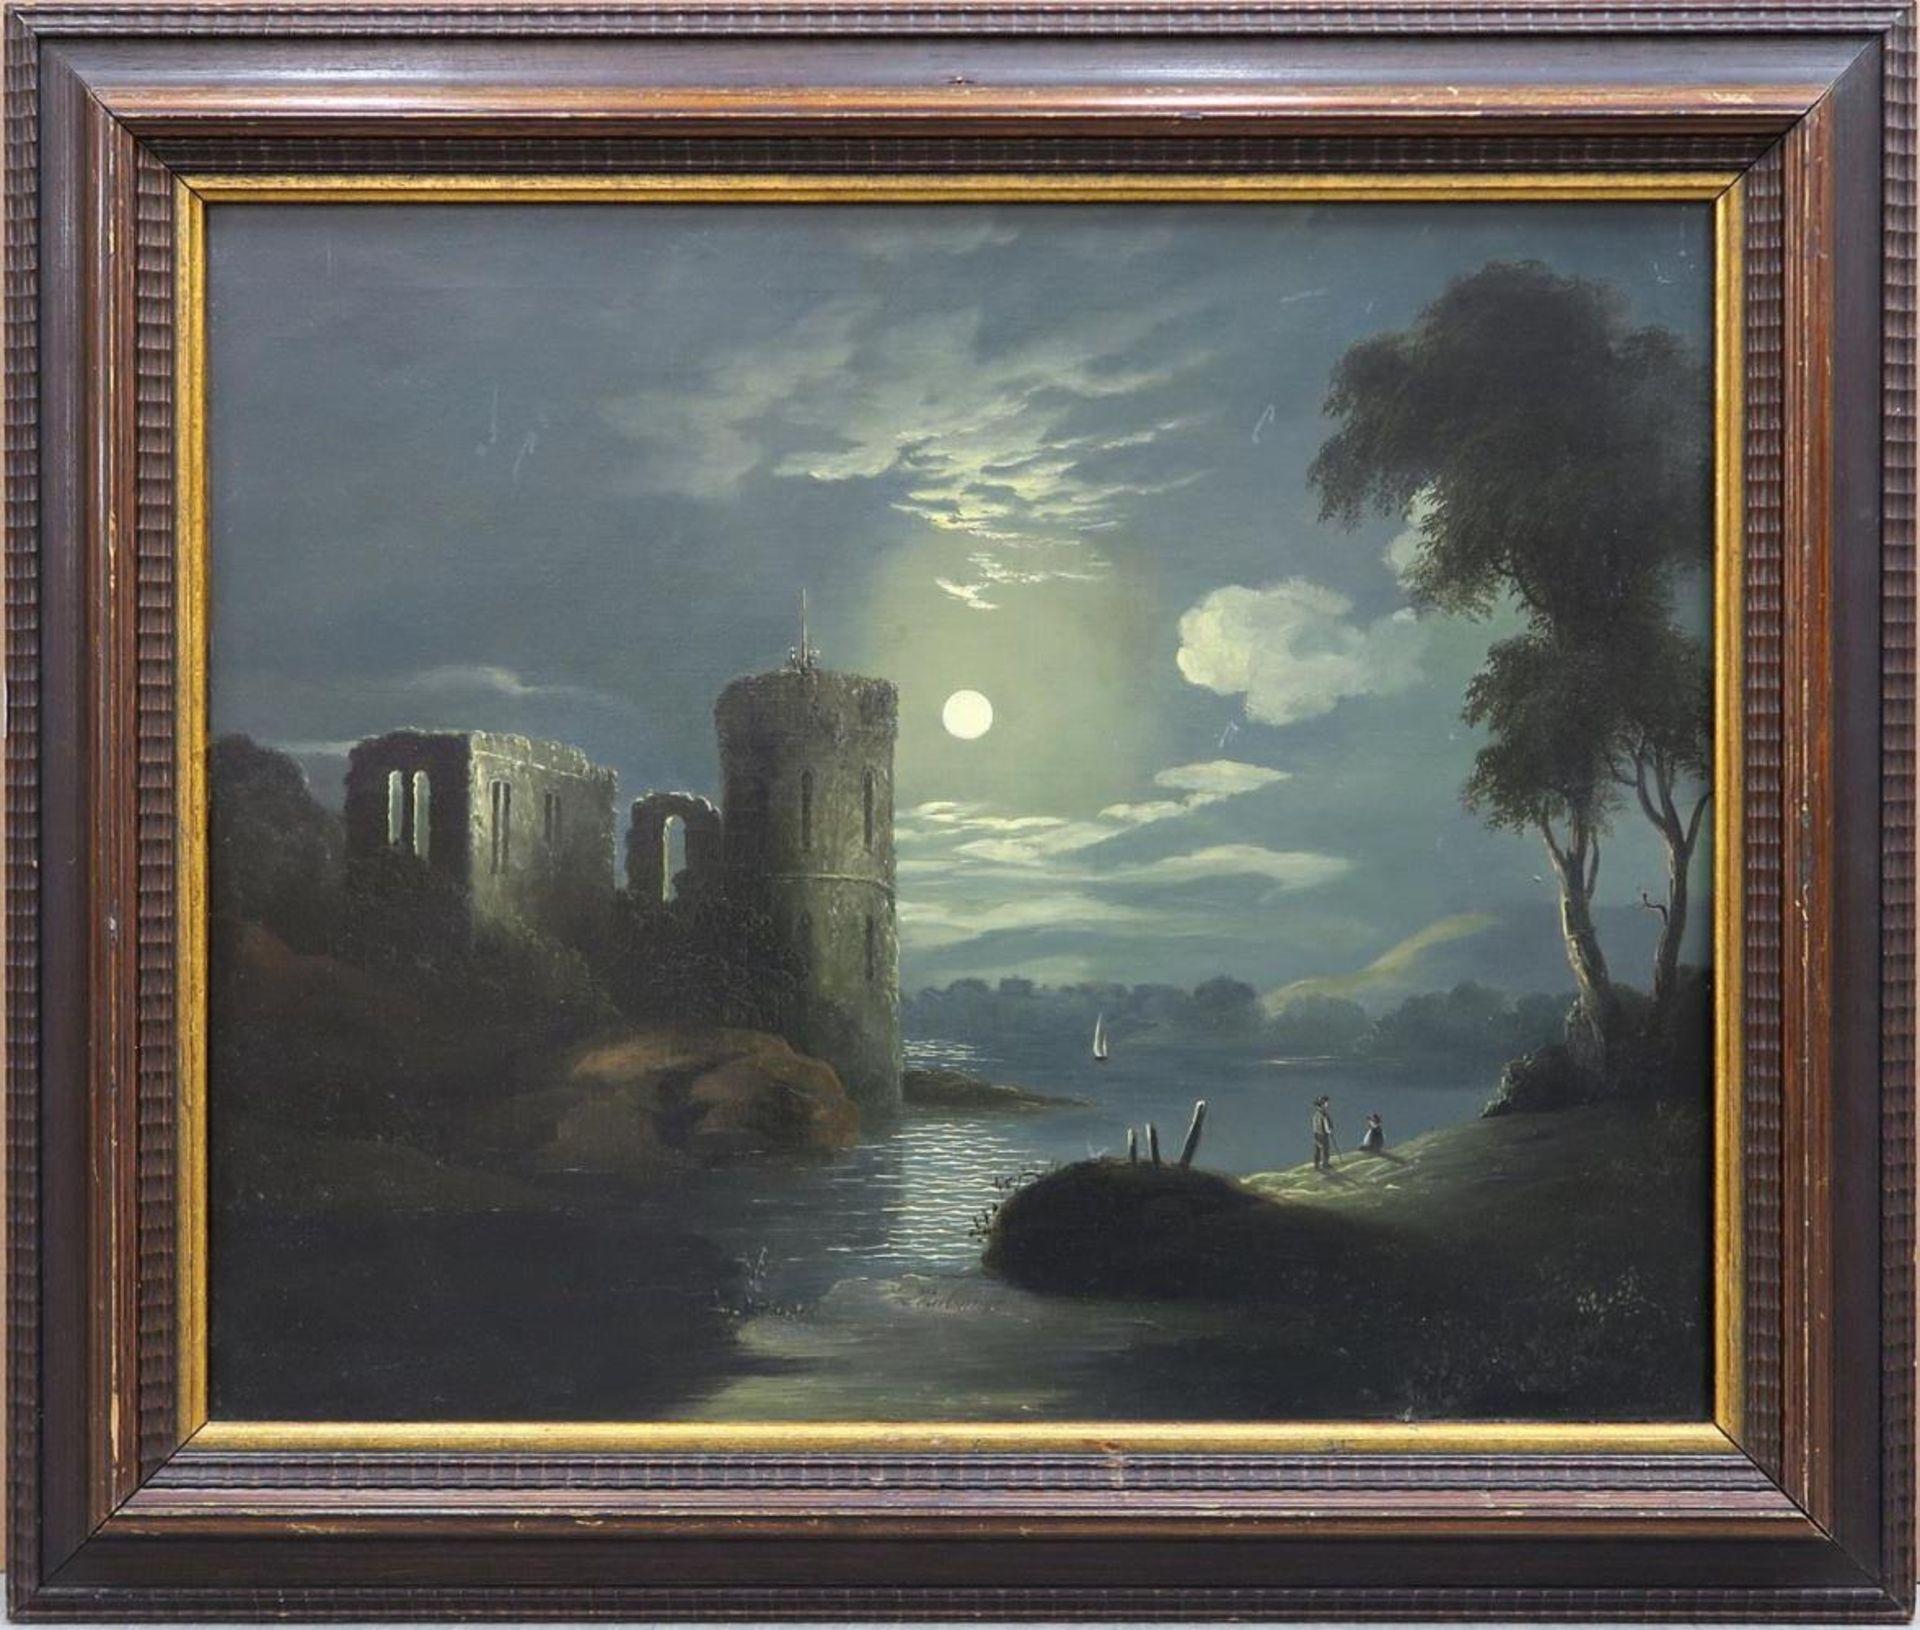 Ruine am Fluss im Mondschein